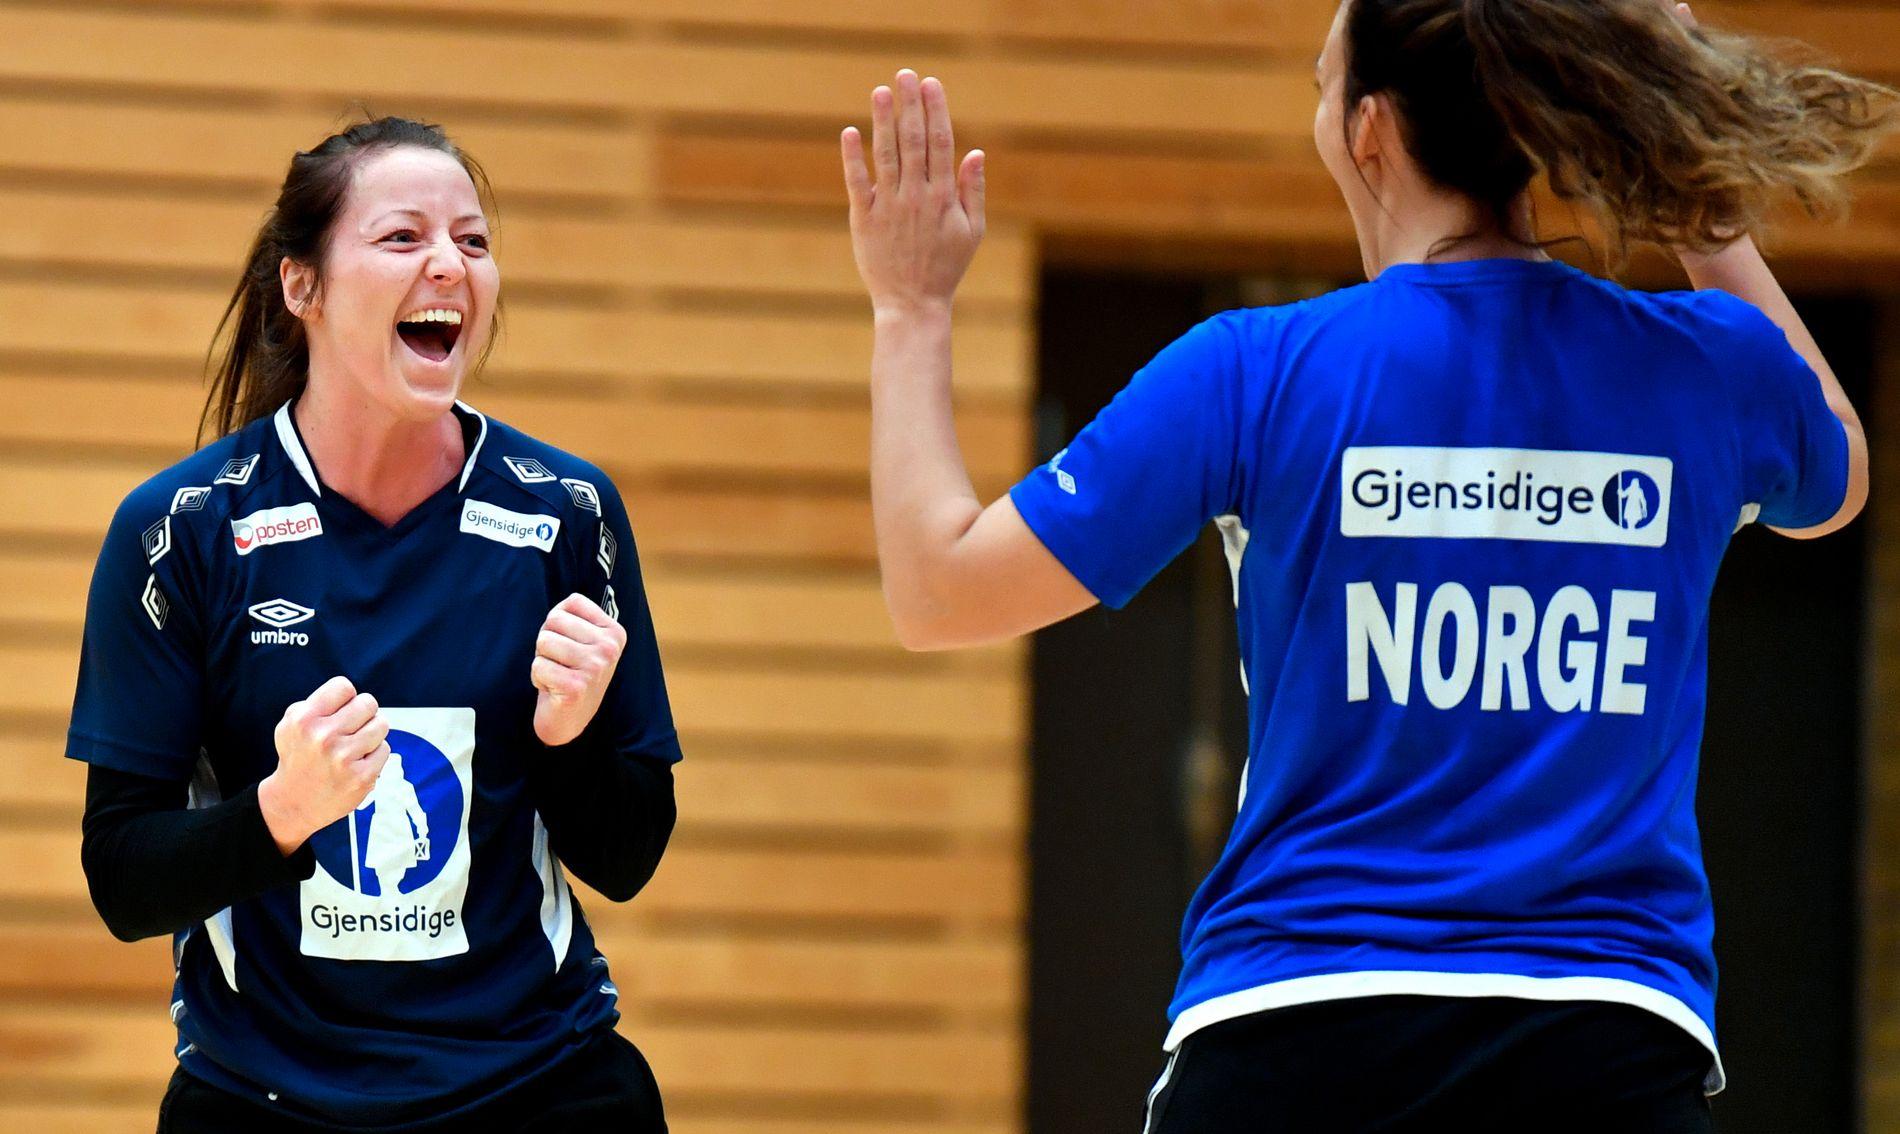 FINALEKLARE: Silje Solberg og Marta Tomac hadde det tydelig morsomt på den siste treningen før EM-finalen.